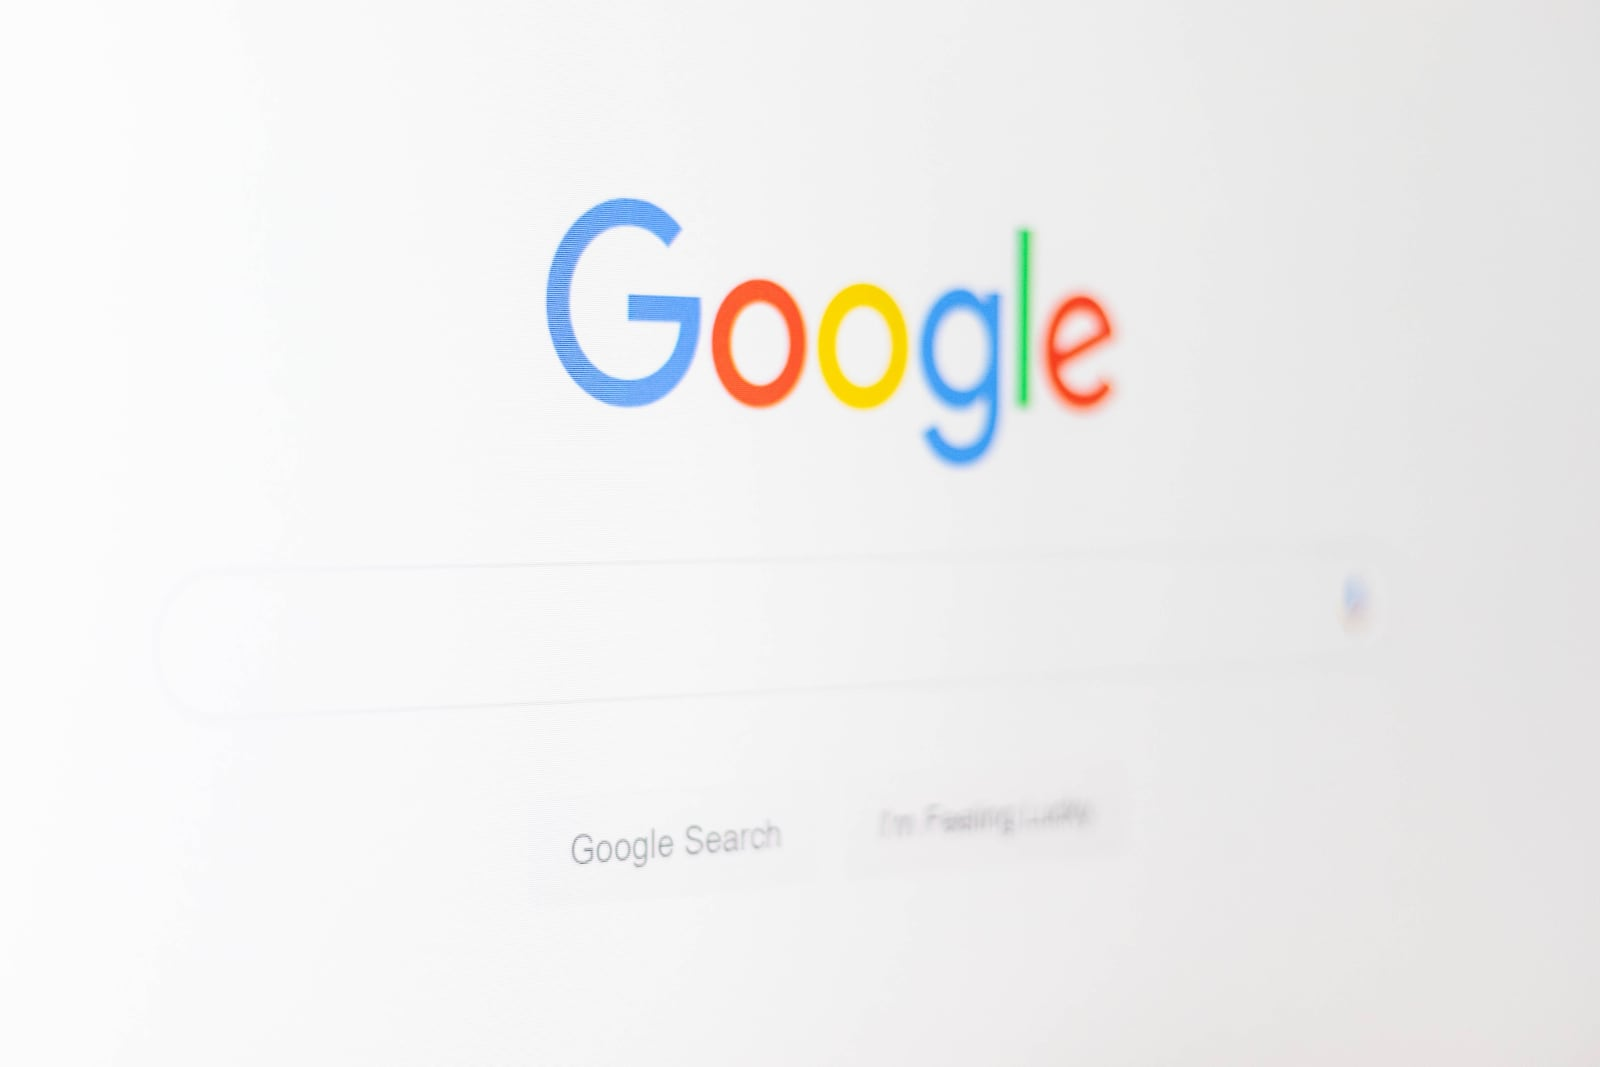 Google рассказала, что россияне искали чаще всего в интернете в 2020 году